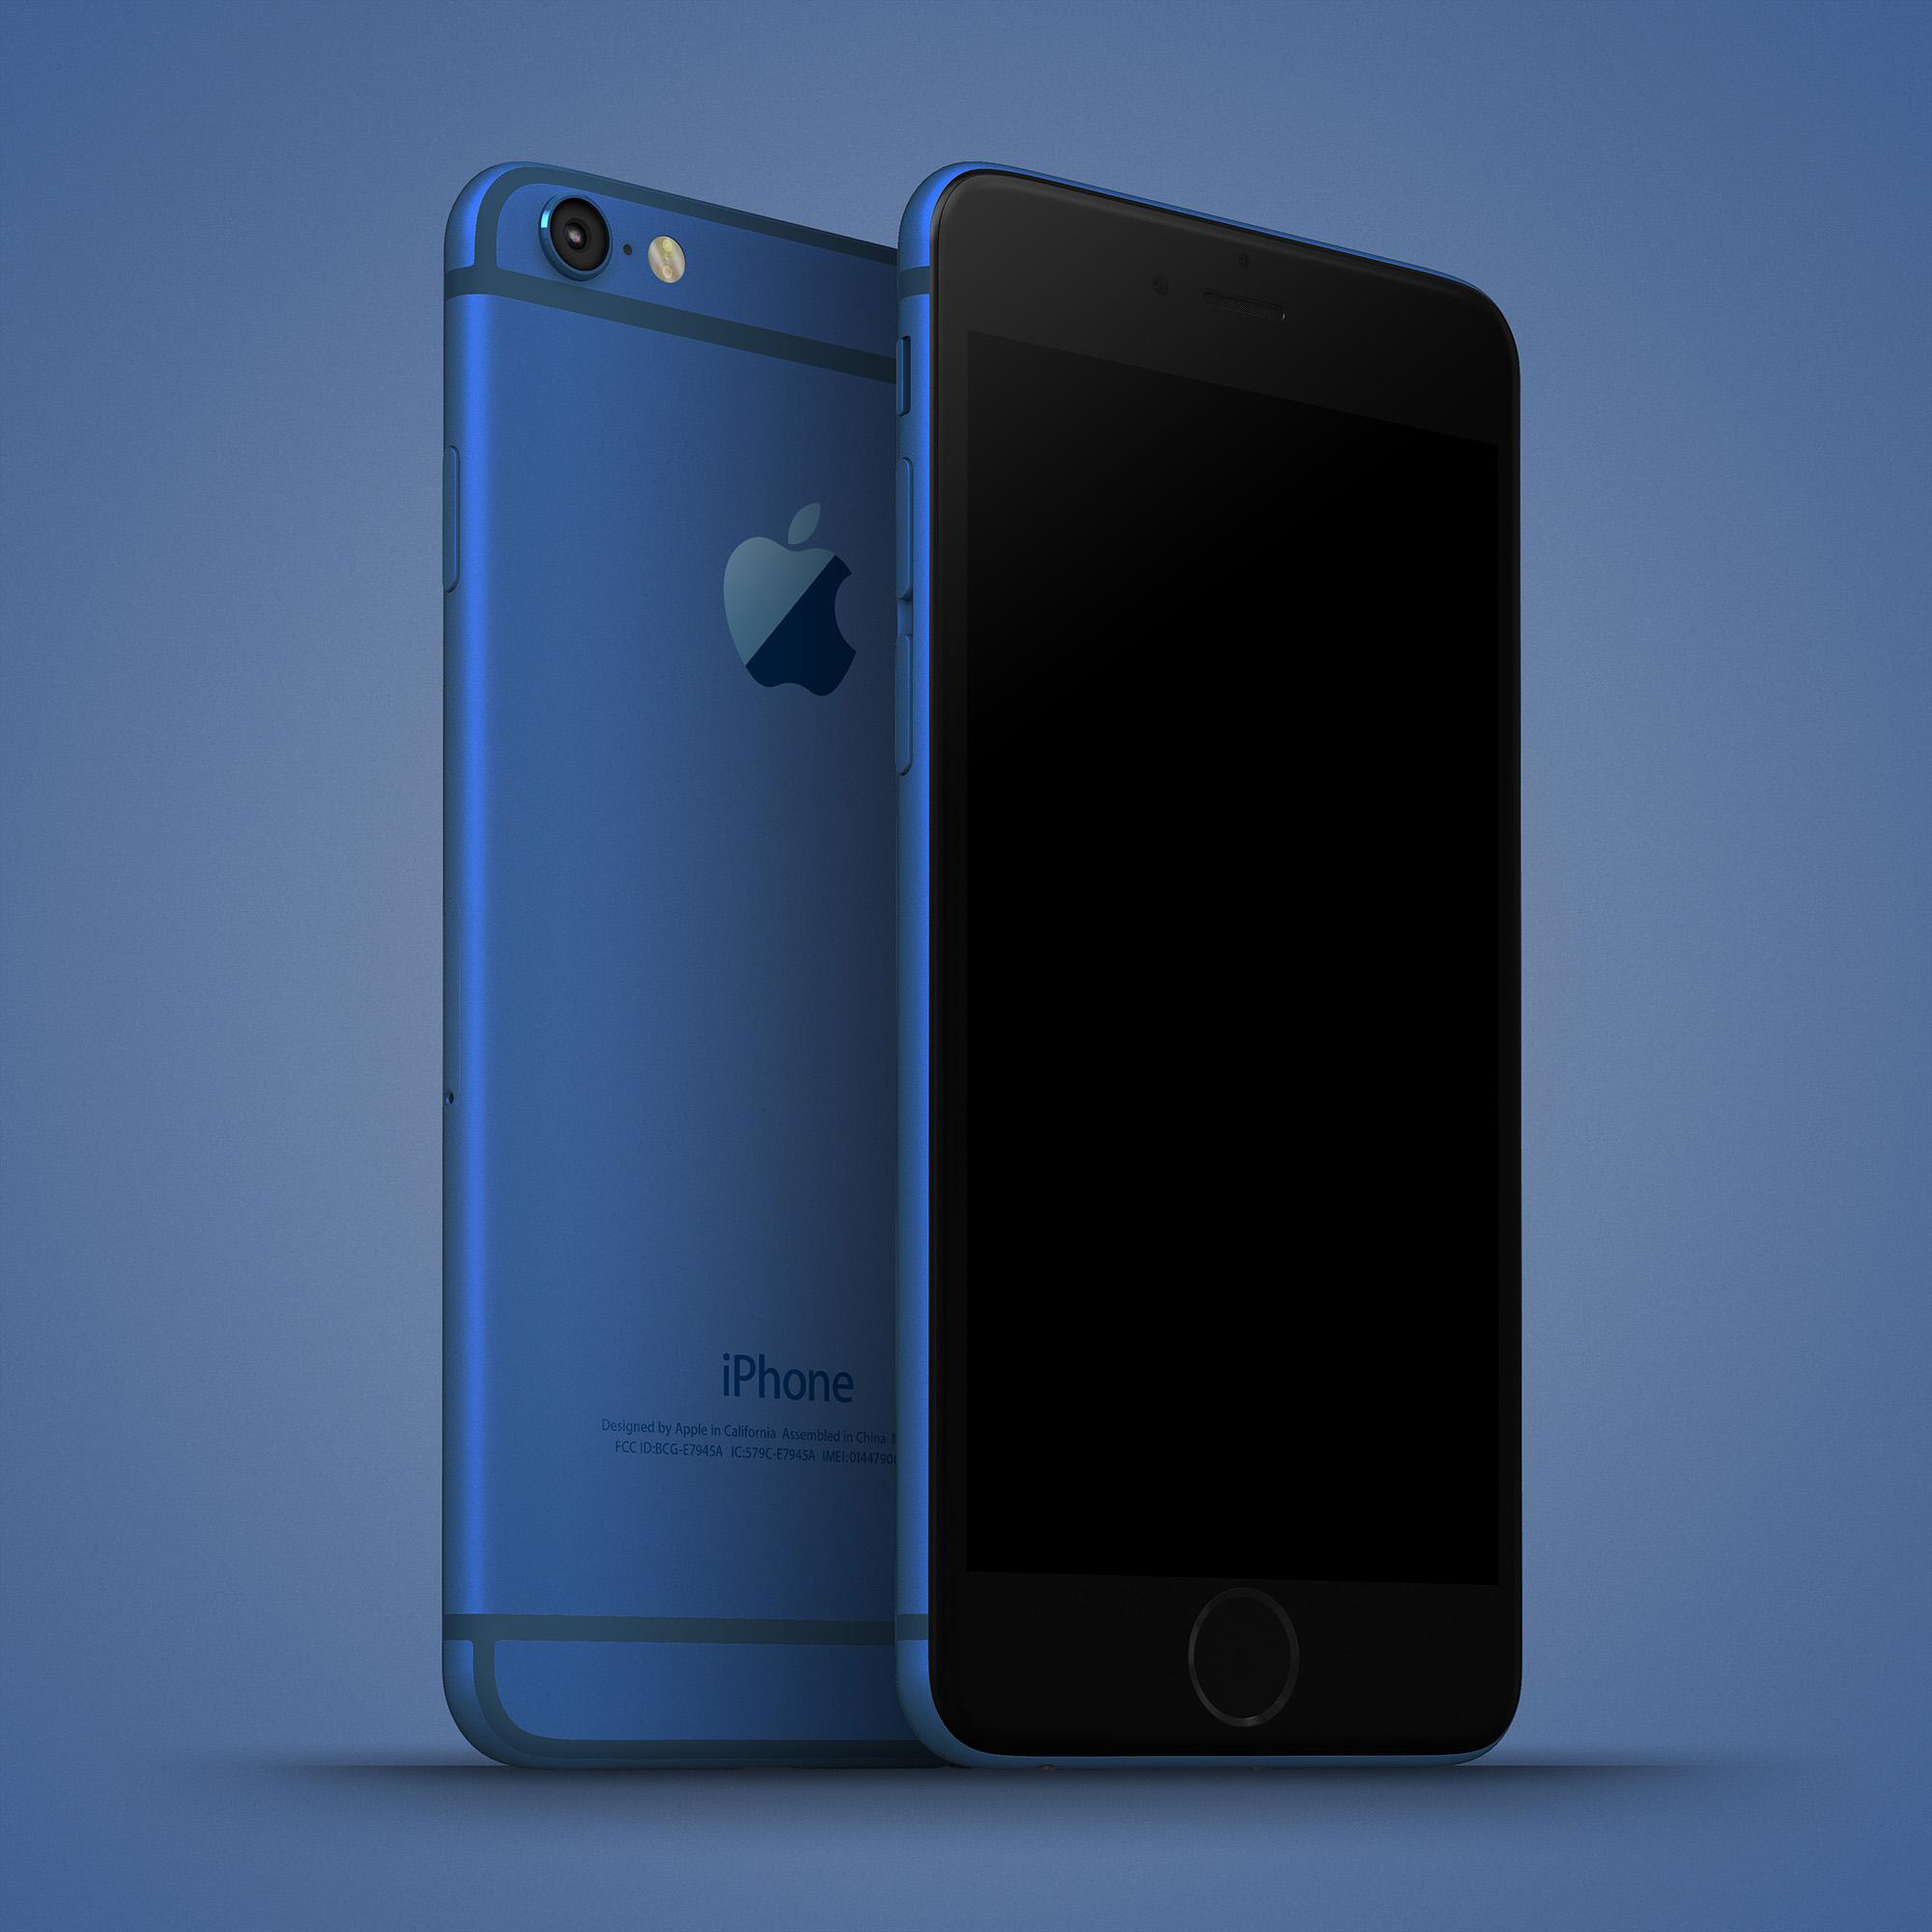 iphone 6c 9to5 iPhone 6c : le design de liPod Touch et une sortie en février ?